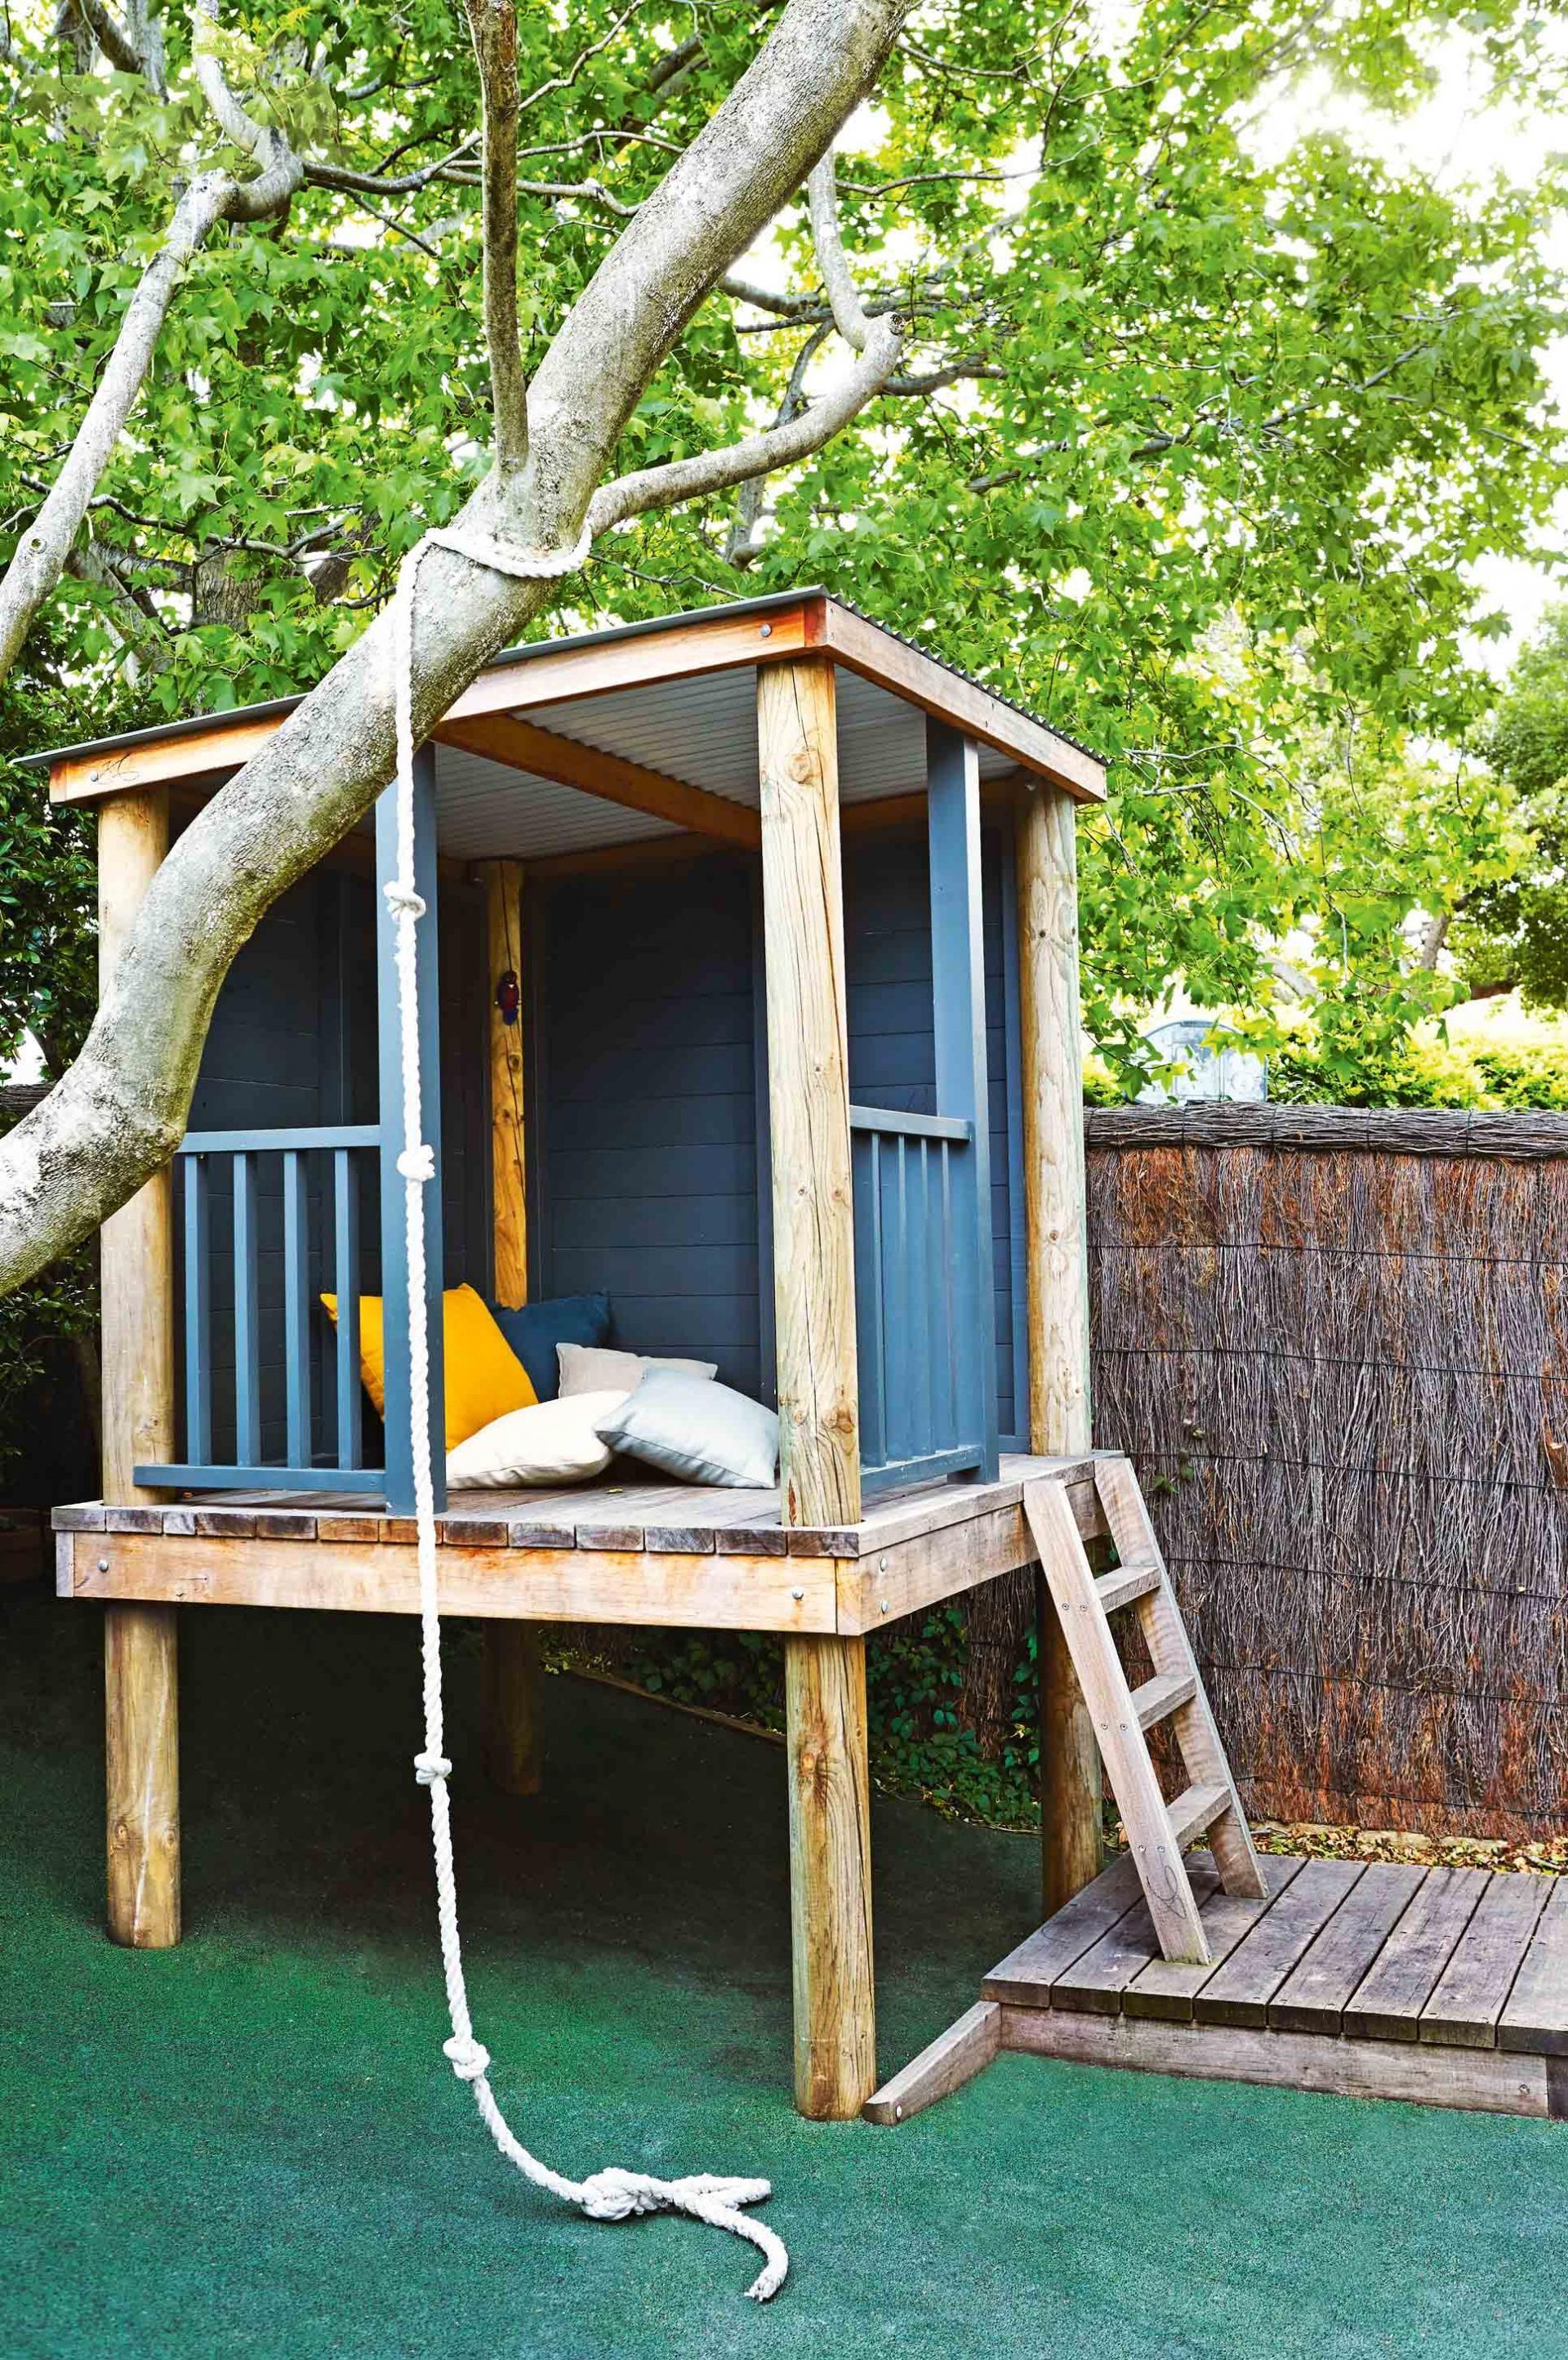 20.SIMPHOME.COM pin christy erickson on lightning backyard playhouse playhouse